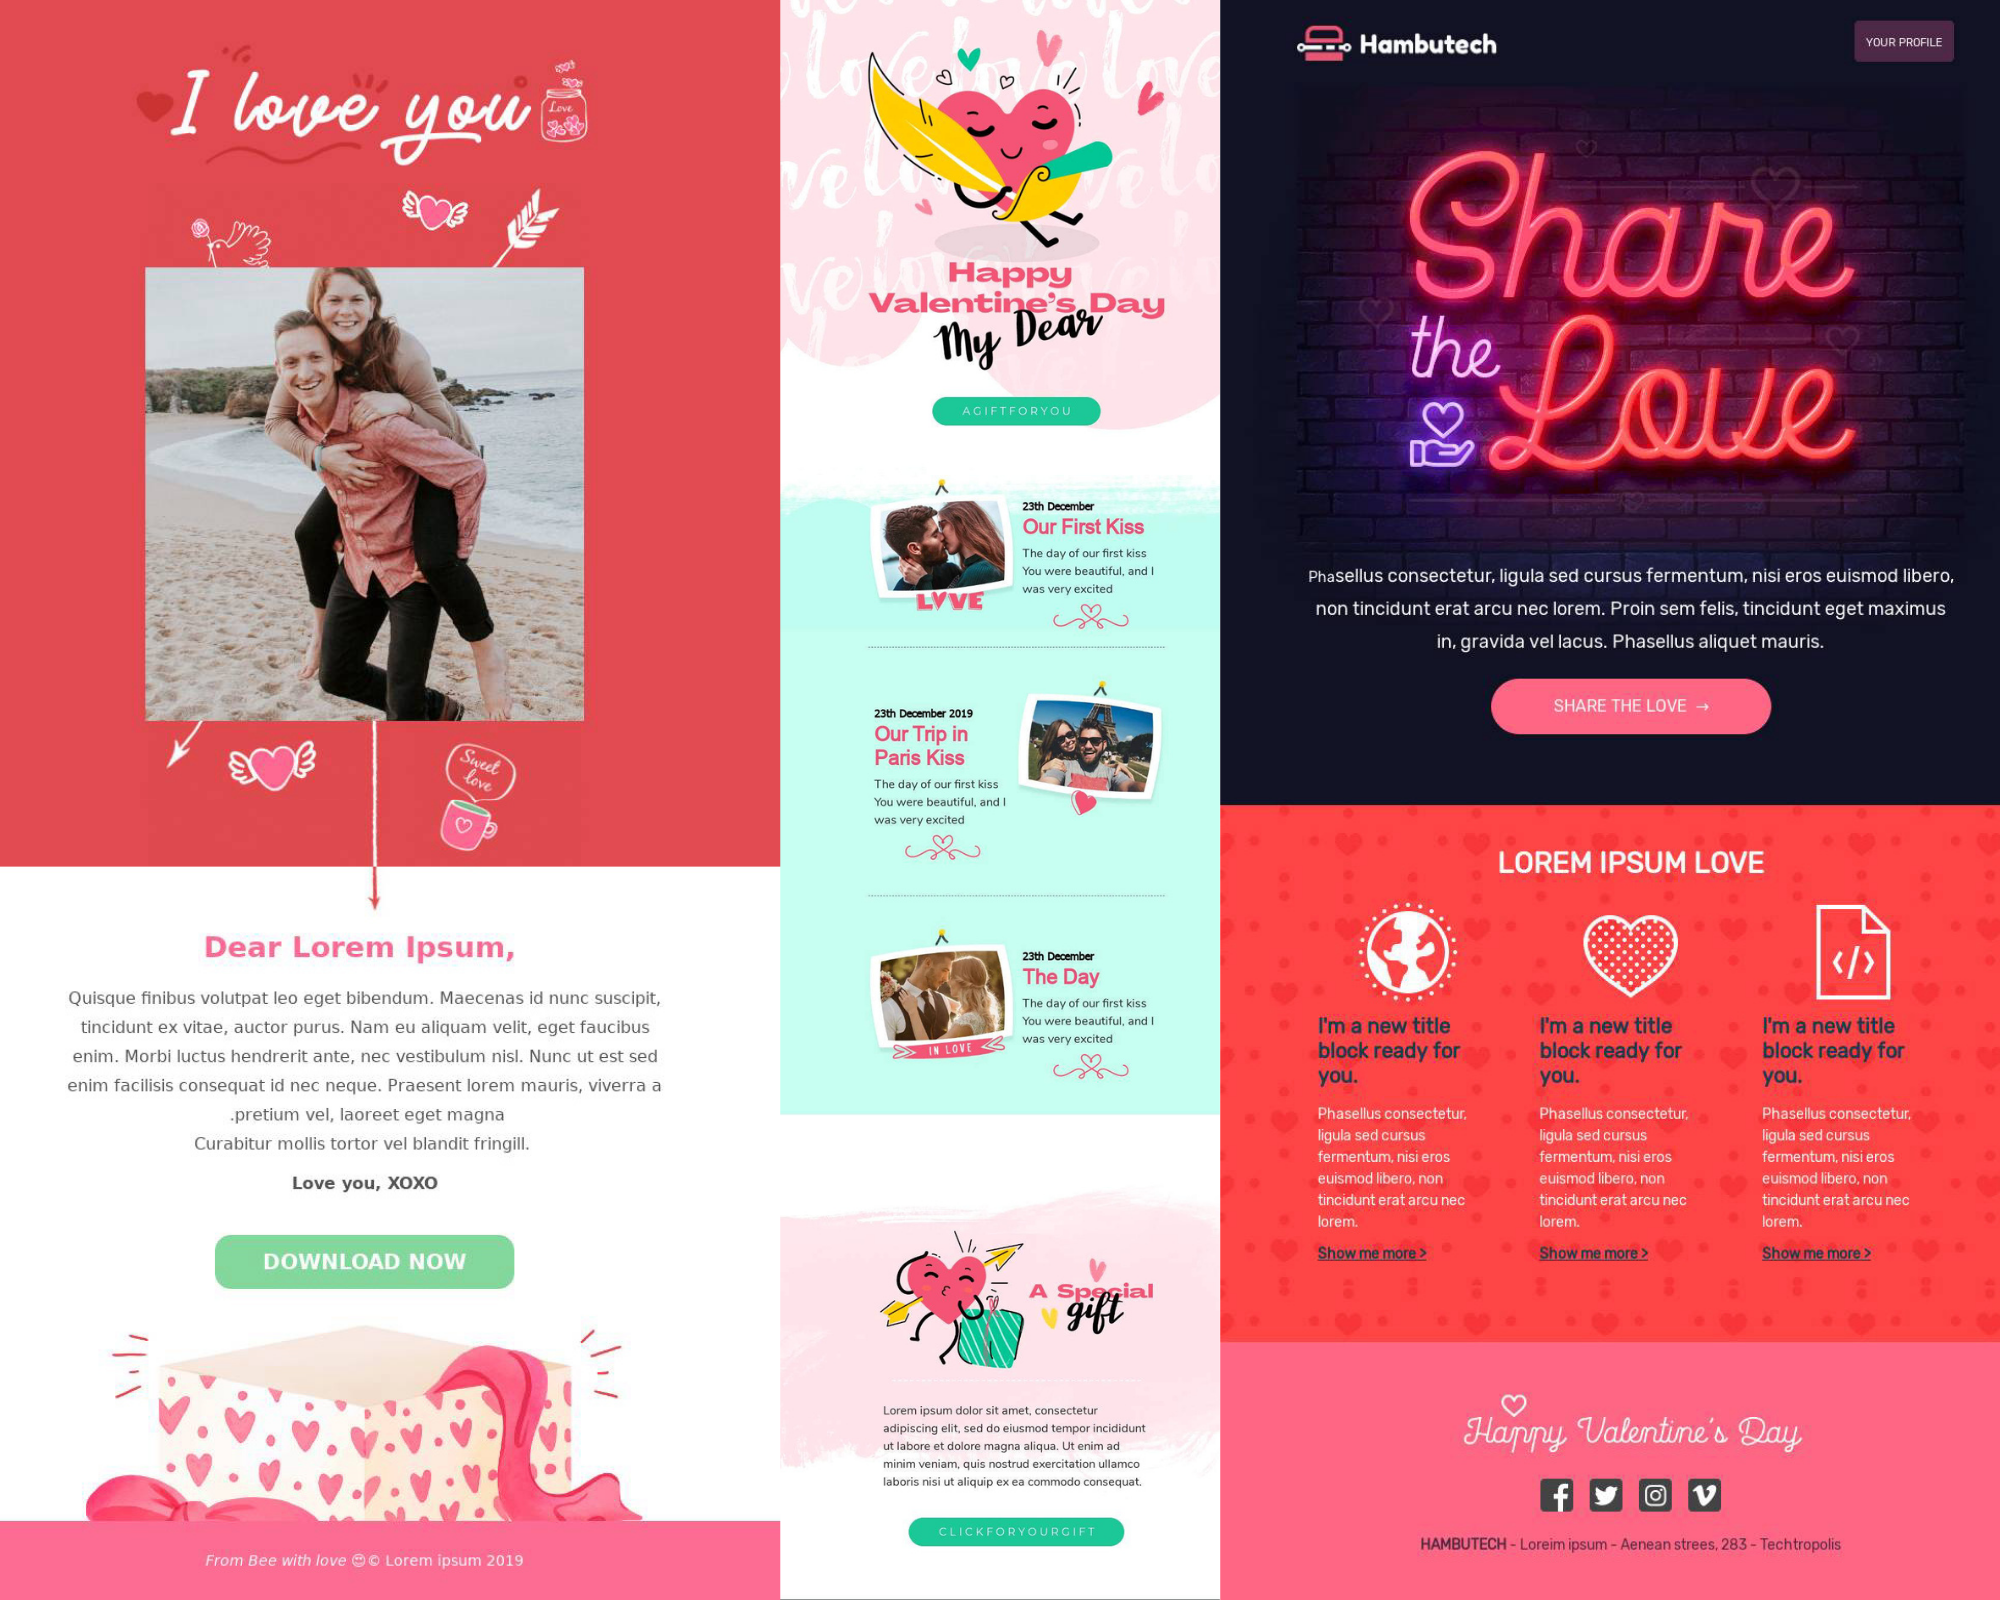 newsletter Valentine's Day